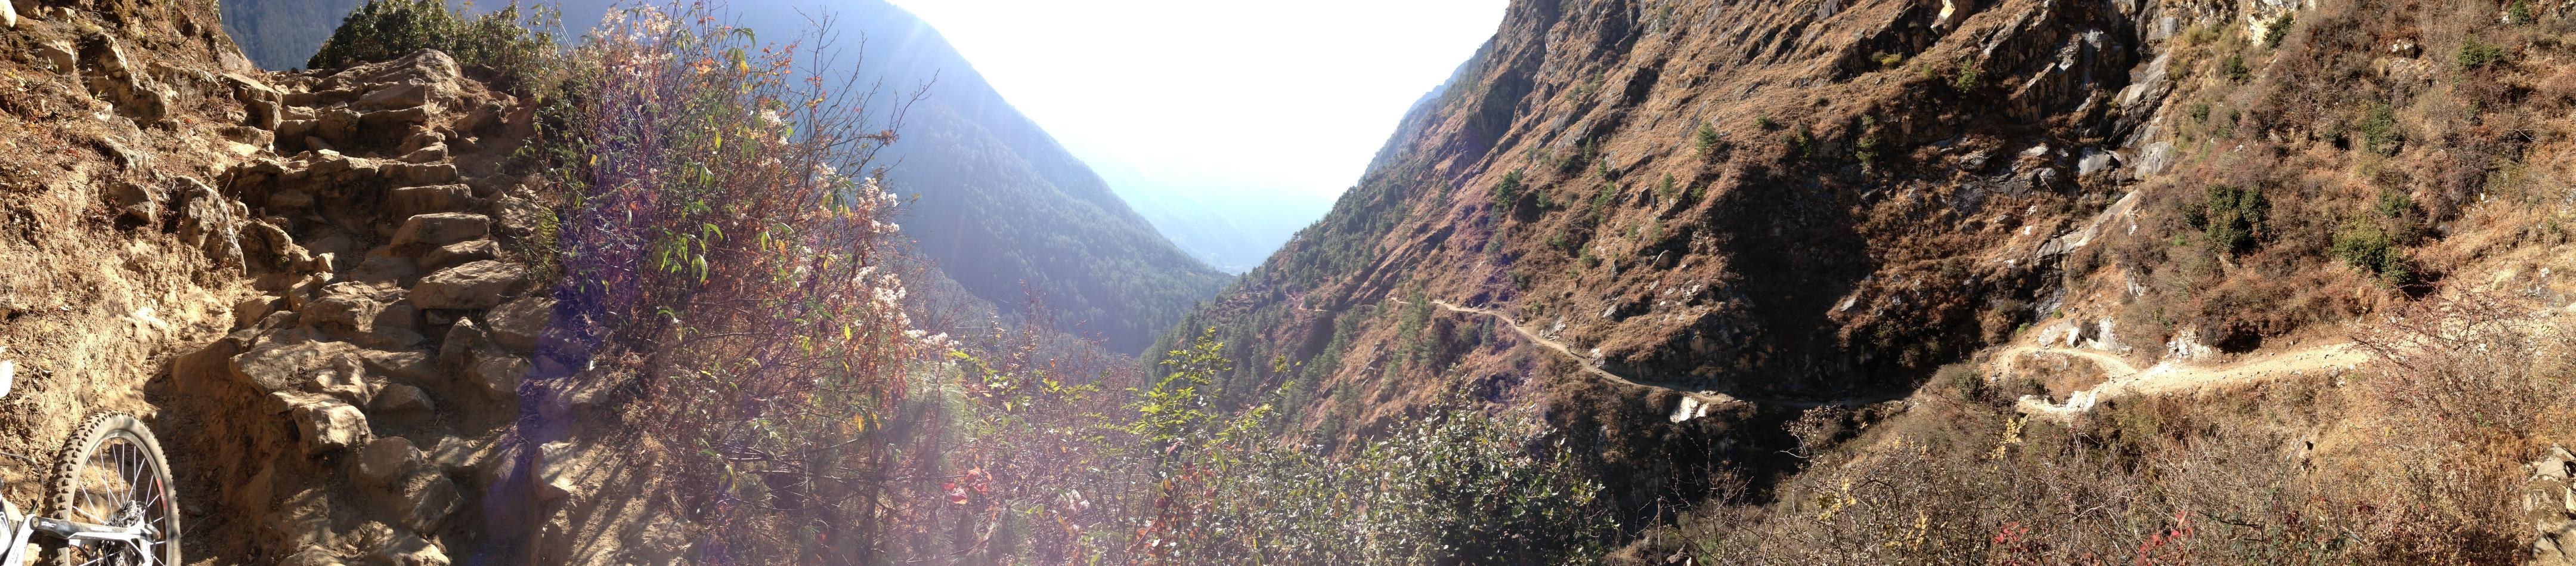 Abfahrt aus dem Tsum Valley